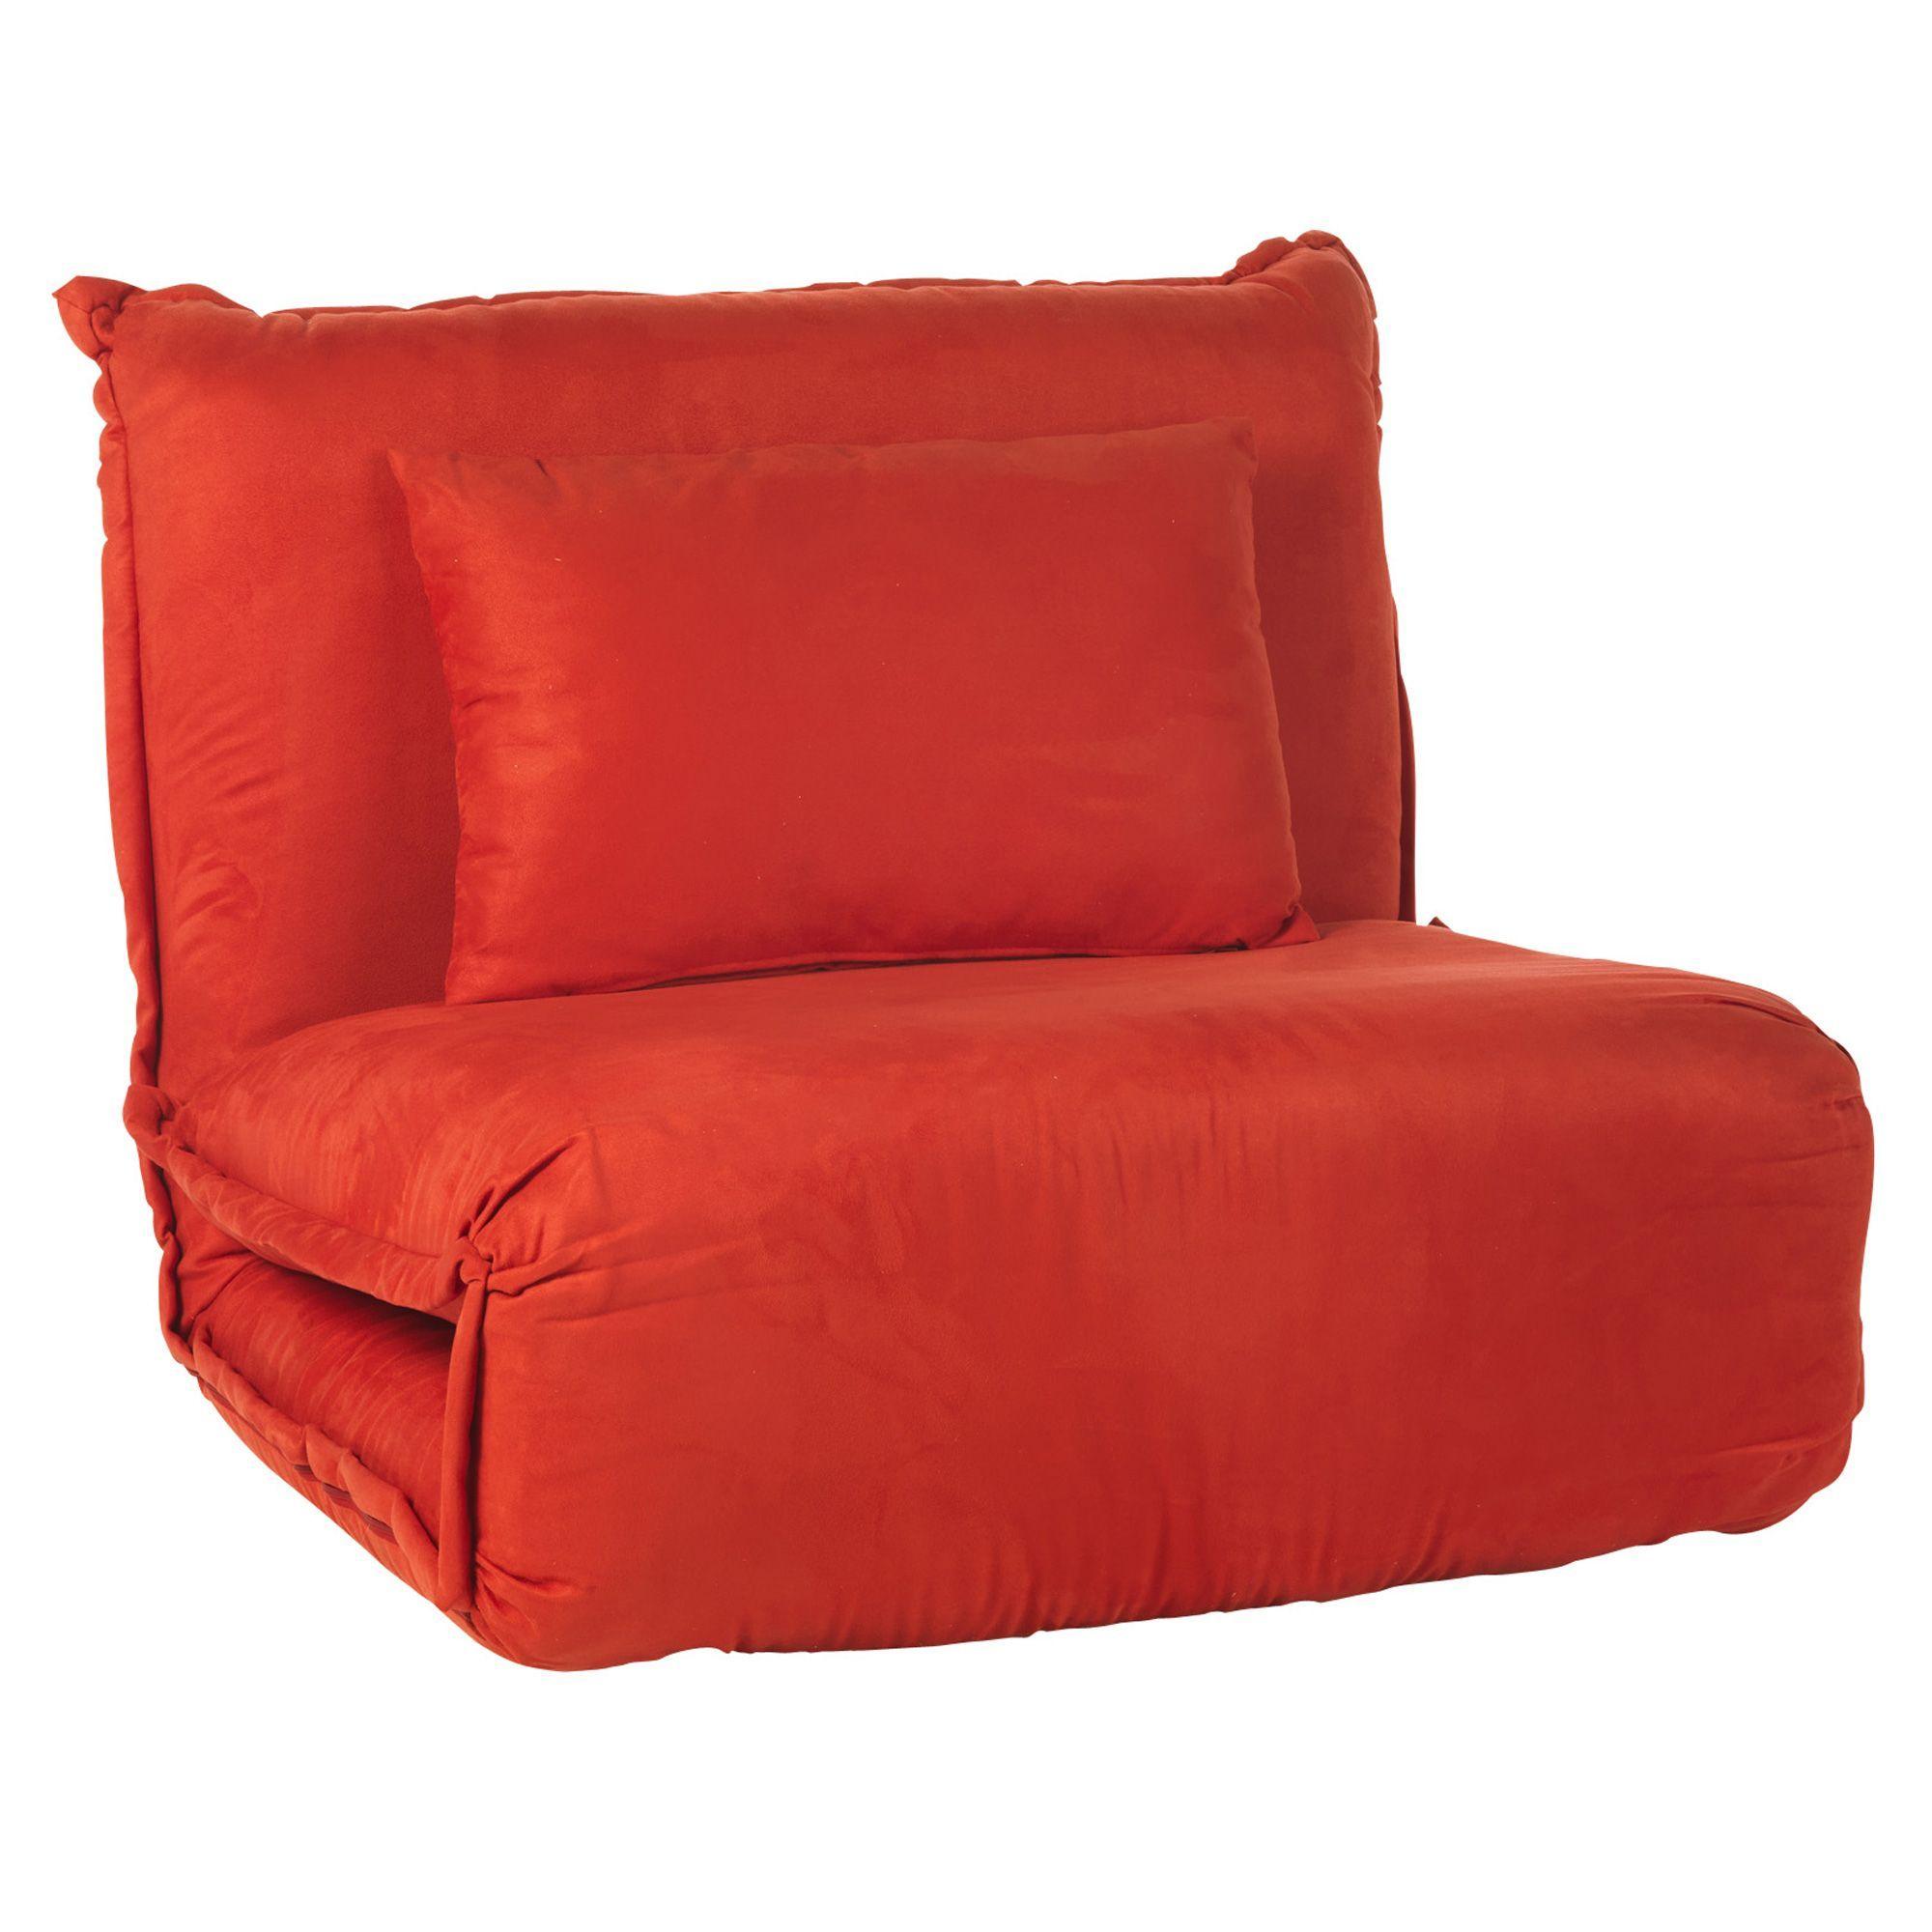 Fauteuil Convertible Rouge Rouge - Dodo - Les Fauteuils ... avec Conforama Fauteuil Convertible